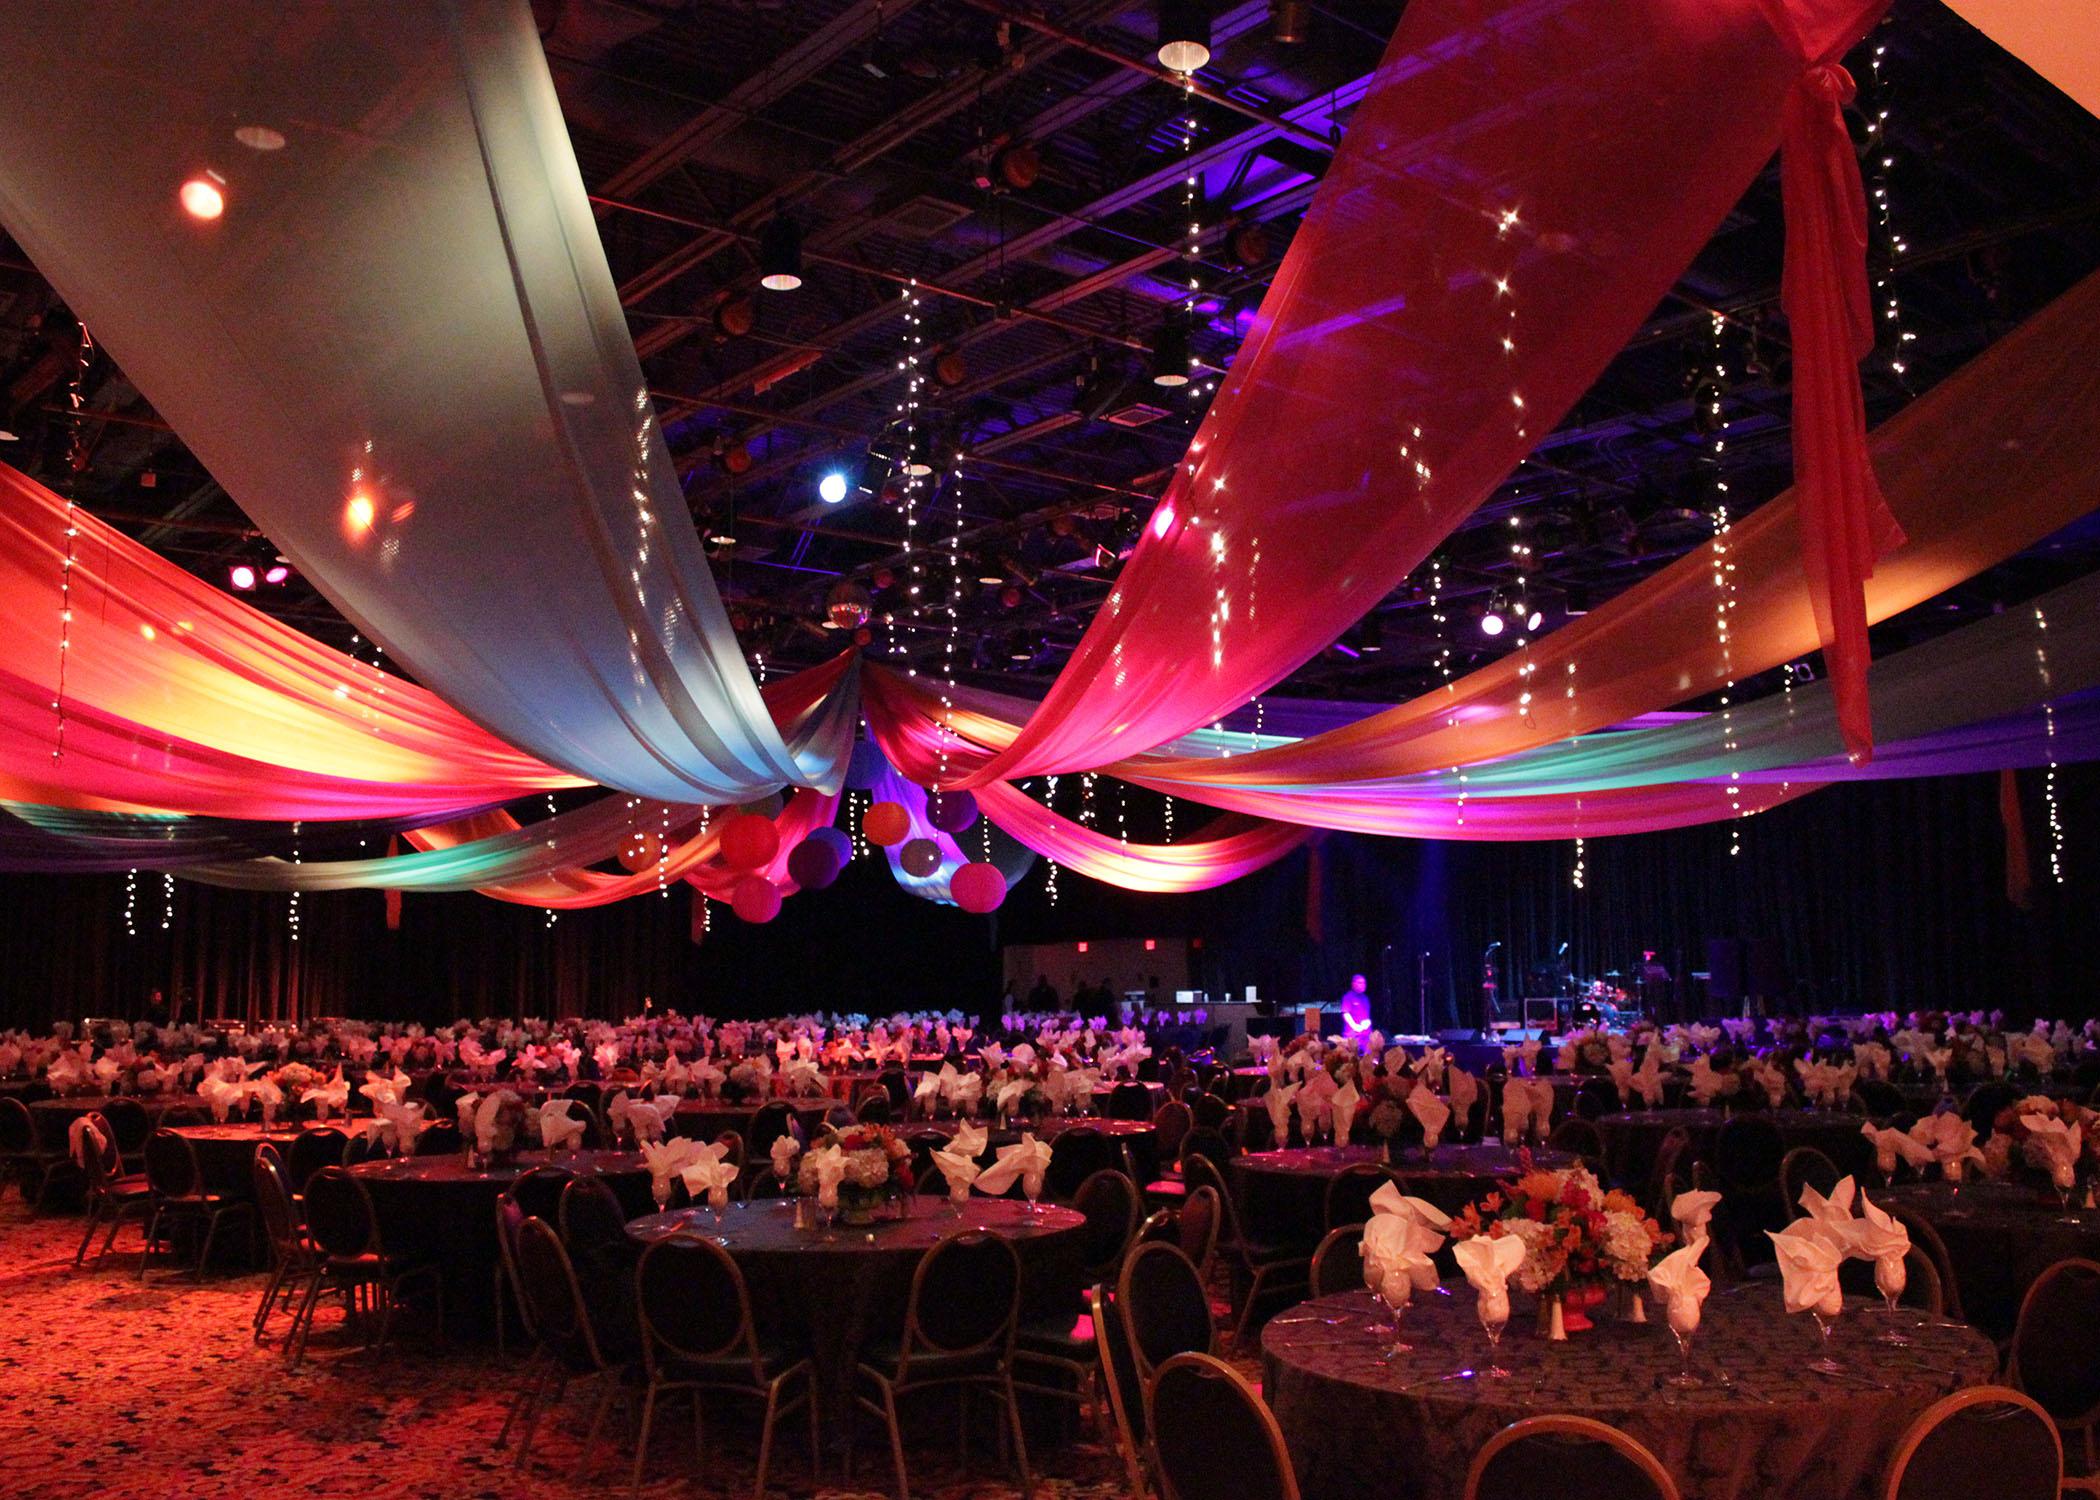 Tropicana-casino-ballroom - Casino Schedule Ease Blog